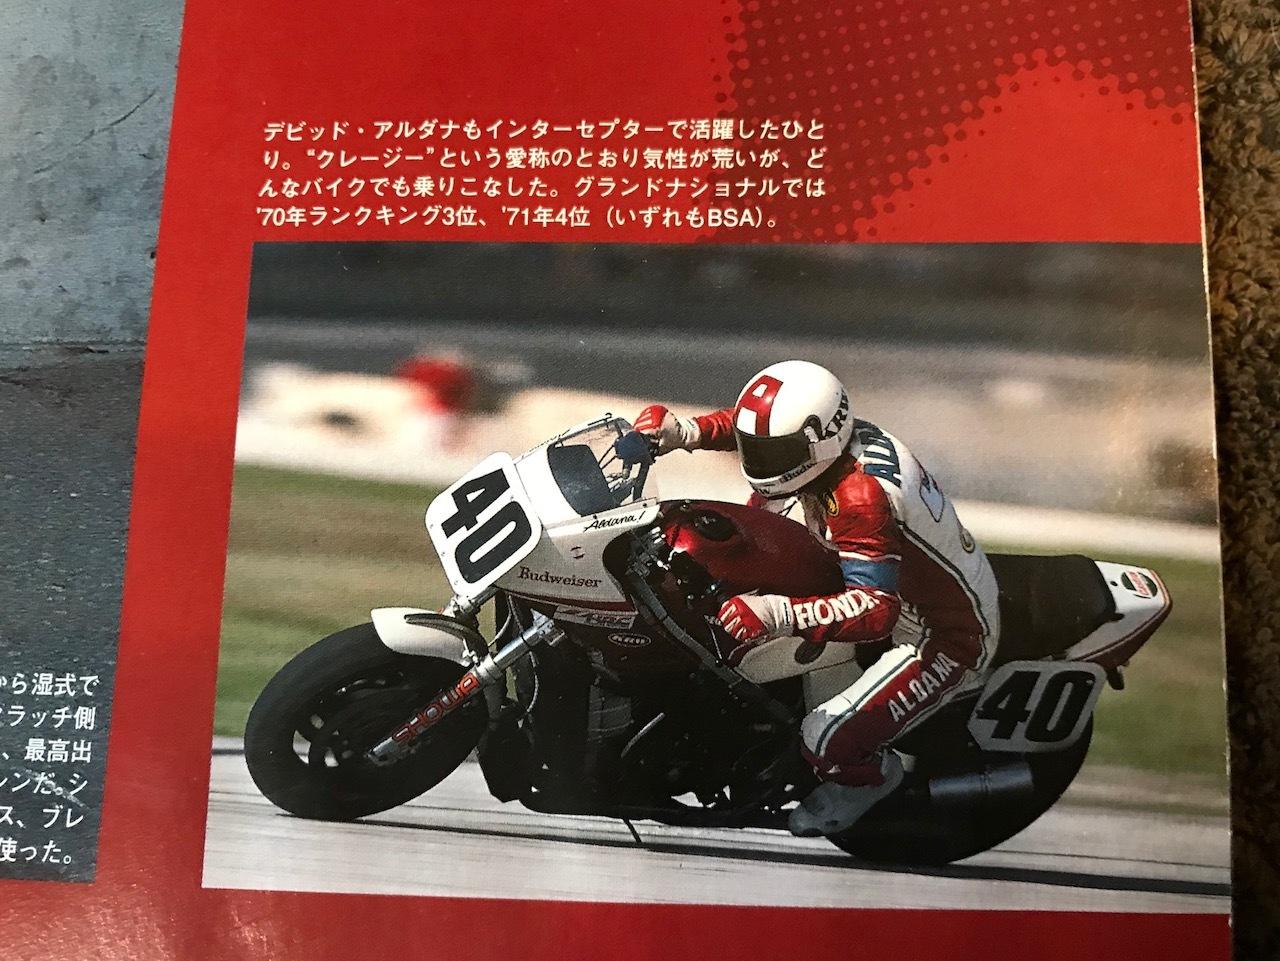 VF750F インターセプター AMAスーパーバイクレプリカスクリーン_e0196826_16380013.jpeg